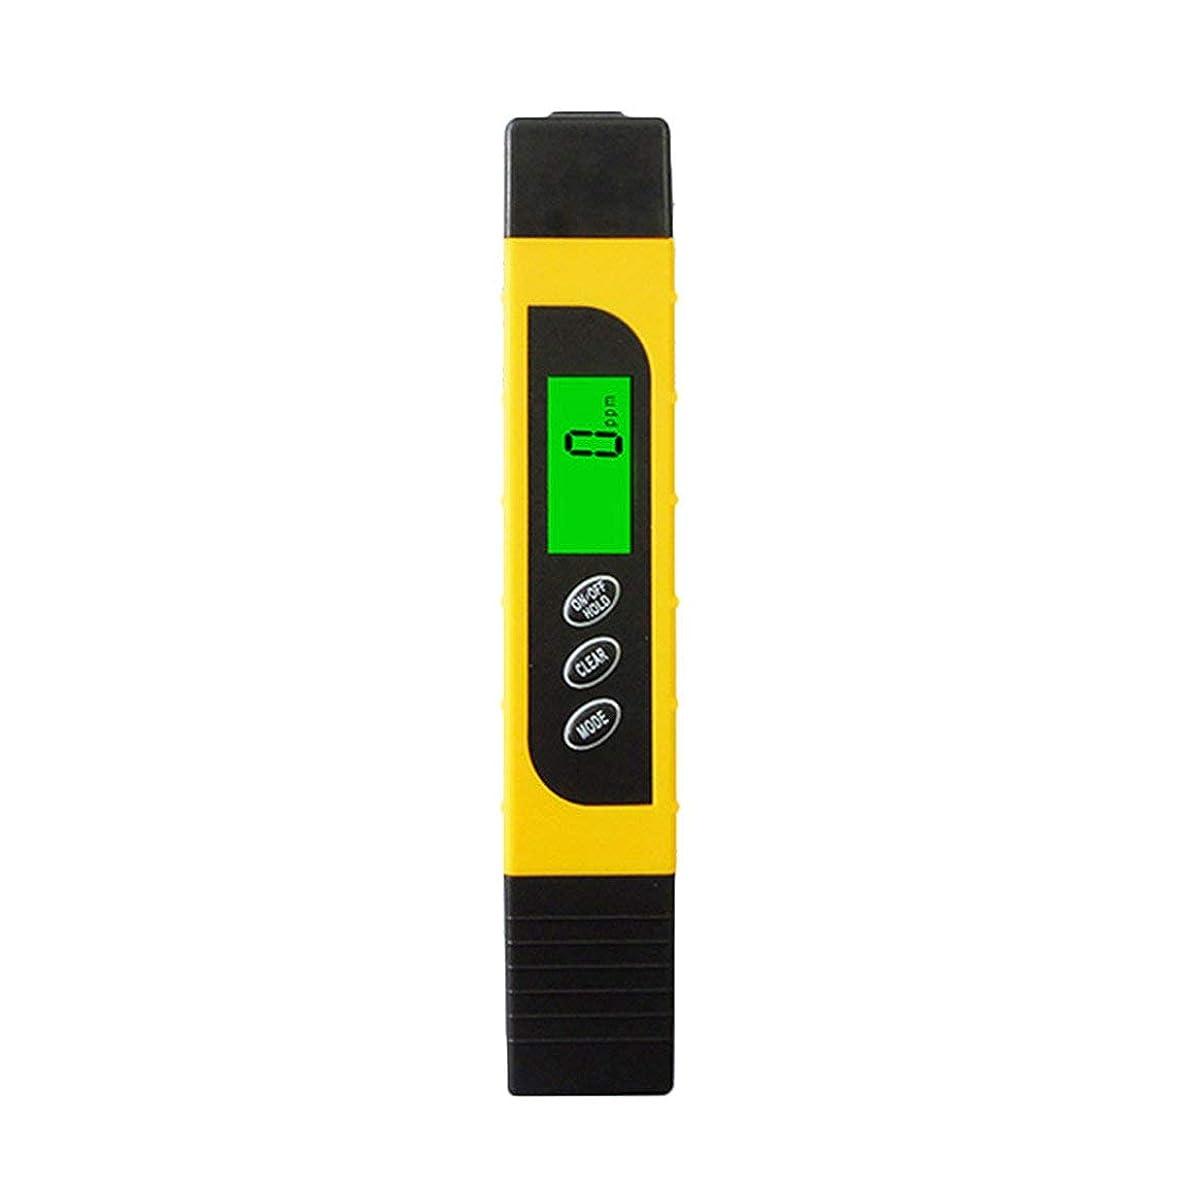 スワップ波髄多機能TDSメーターテスターポータブルデジタルペン0.01高精度フィルター測定水質純度テストツール - 黄色